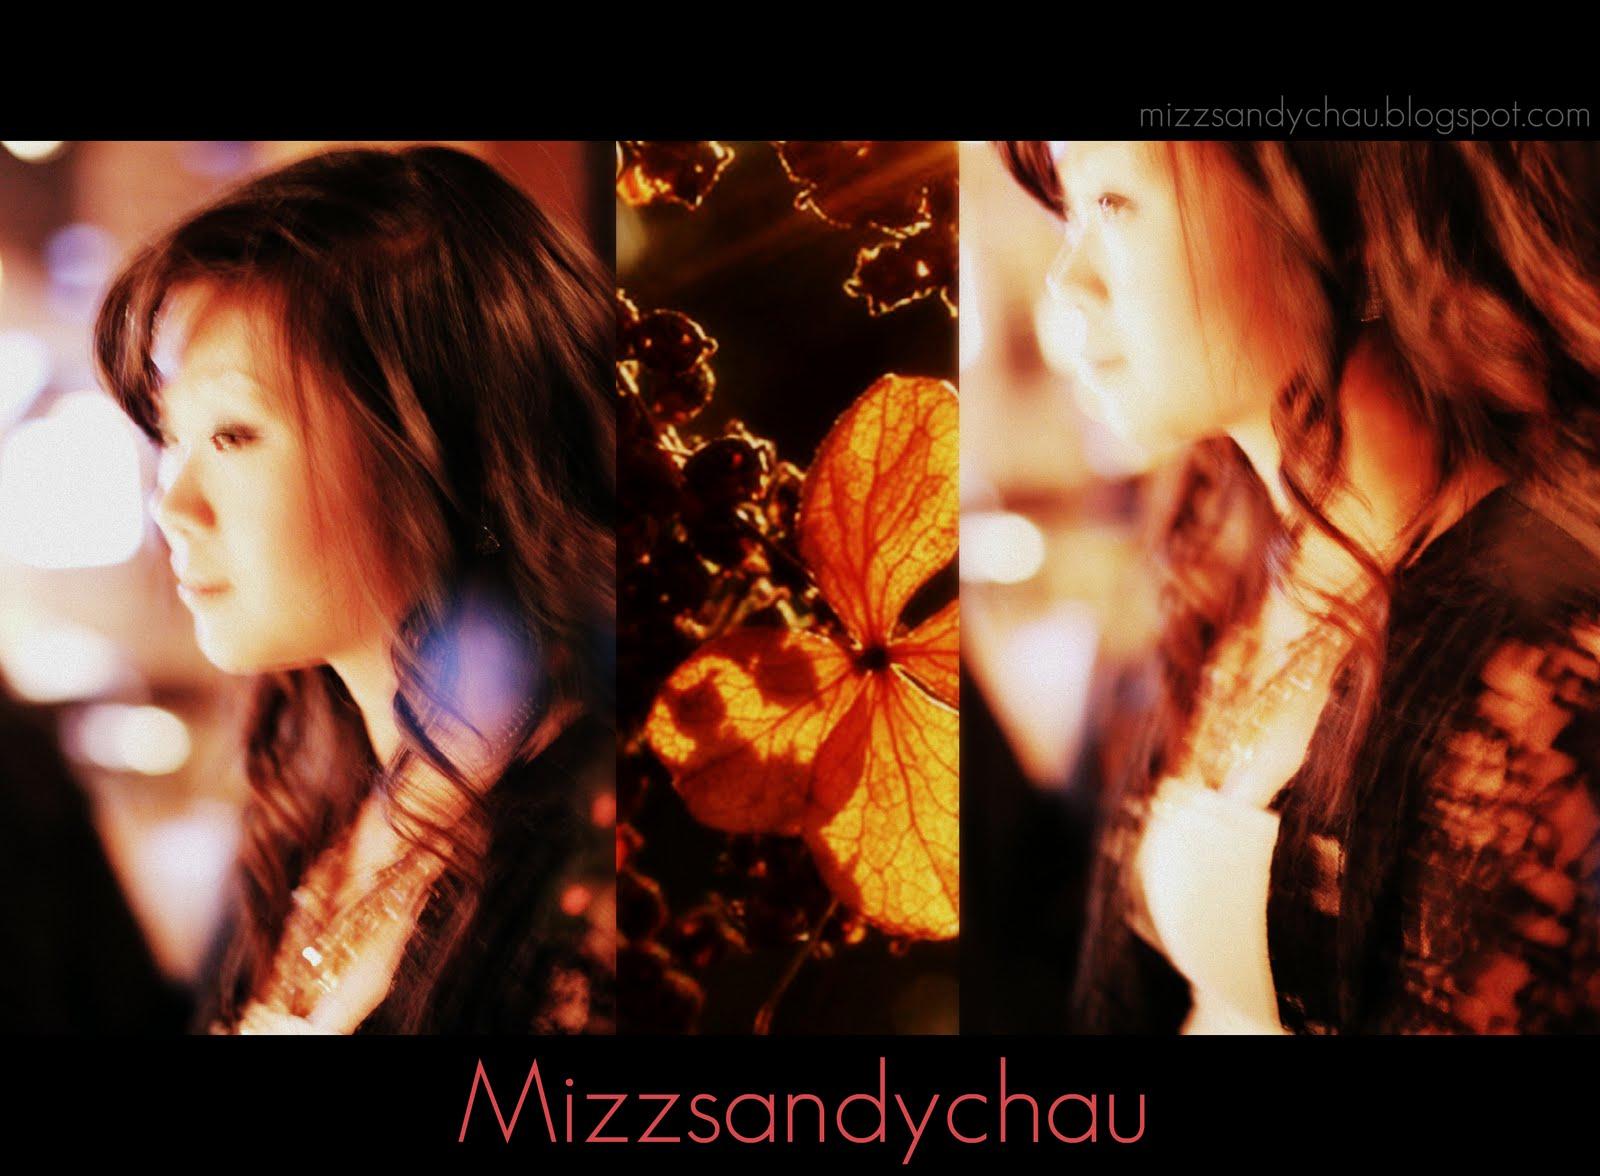 MizzSandyChau